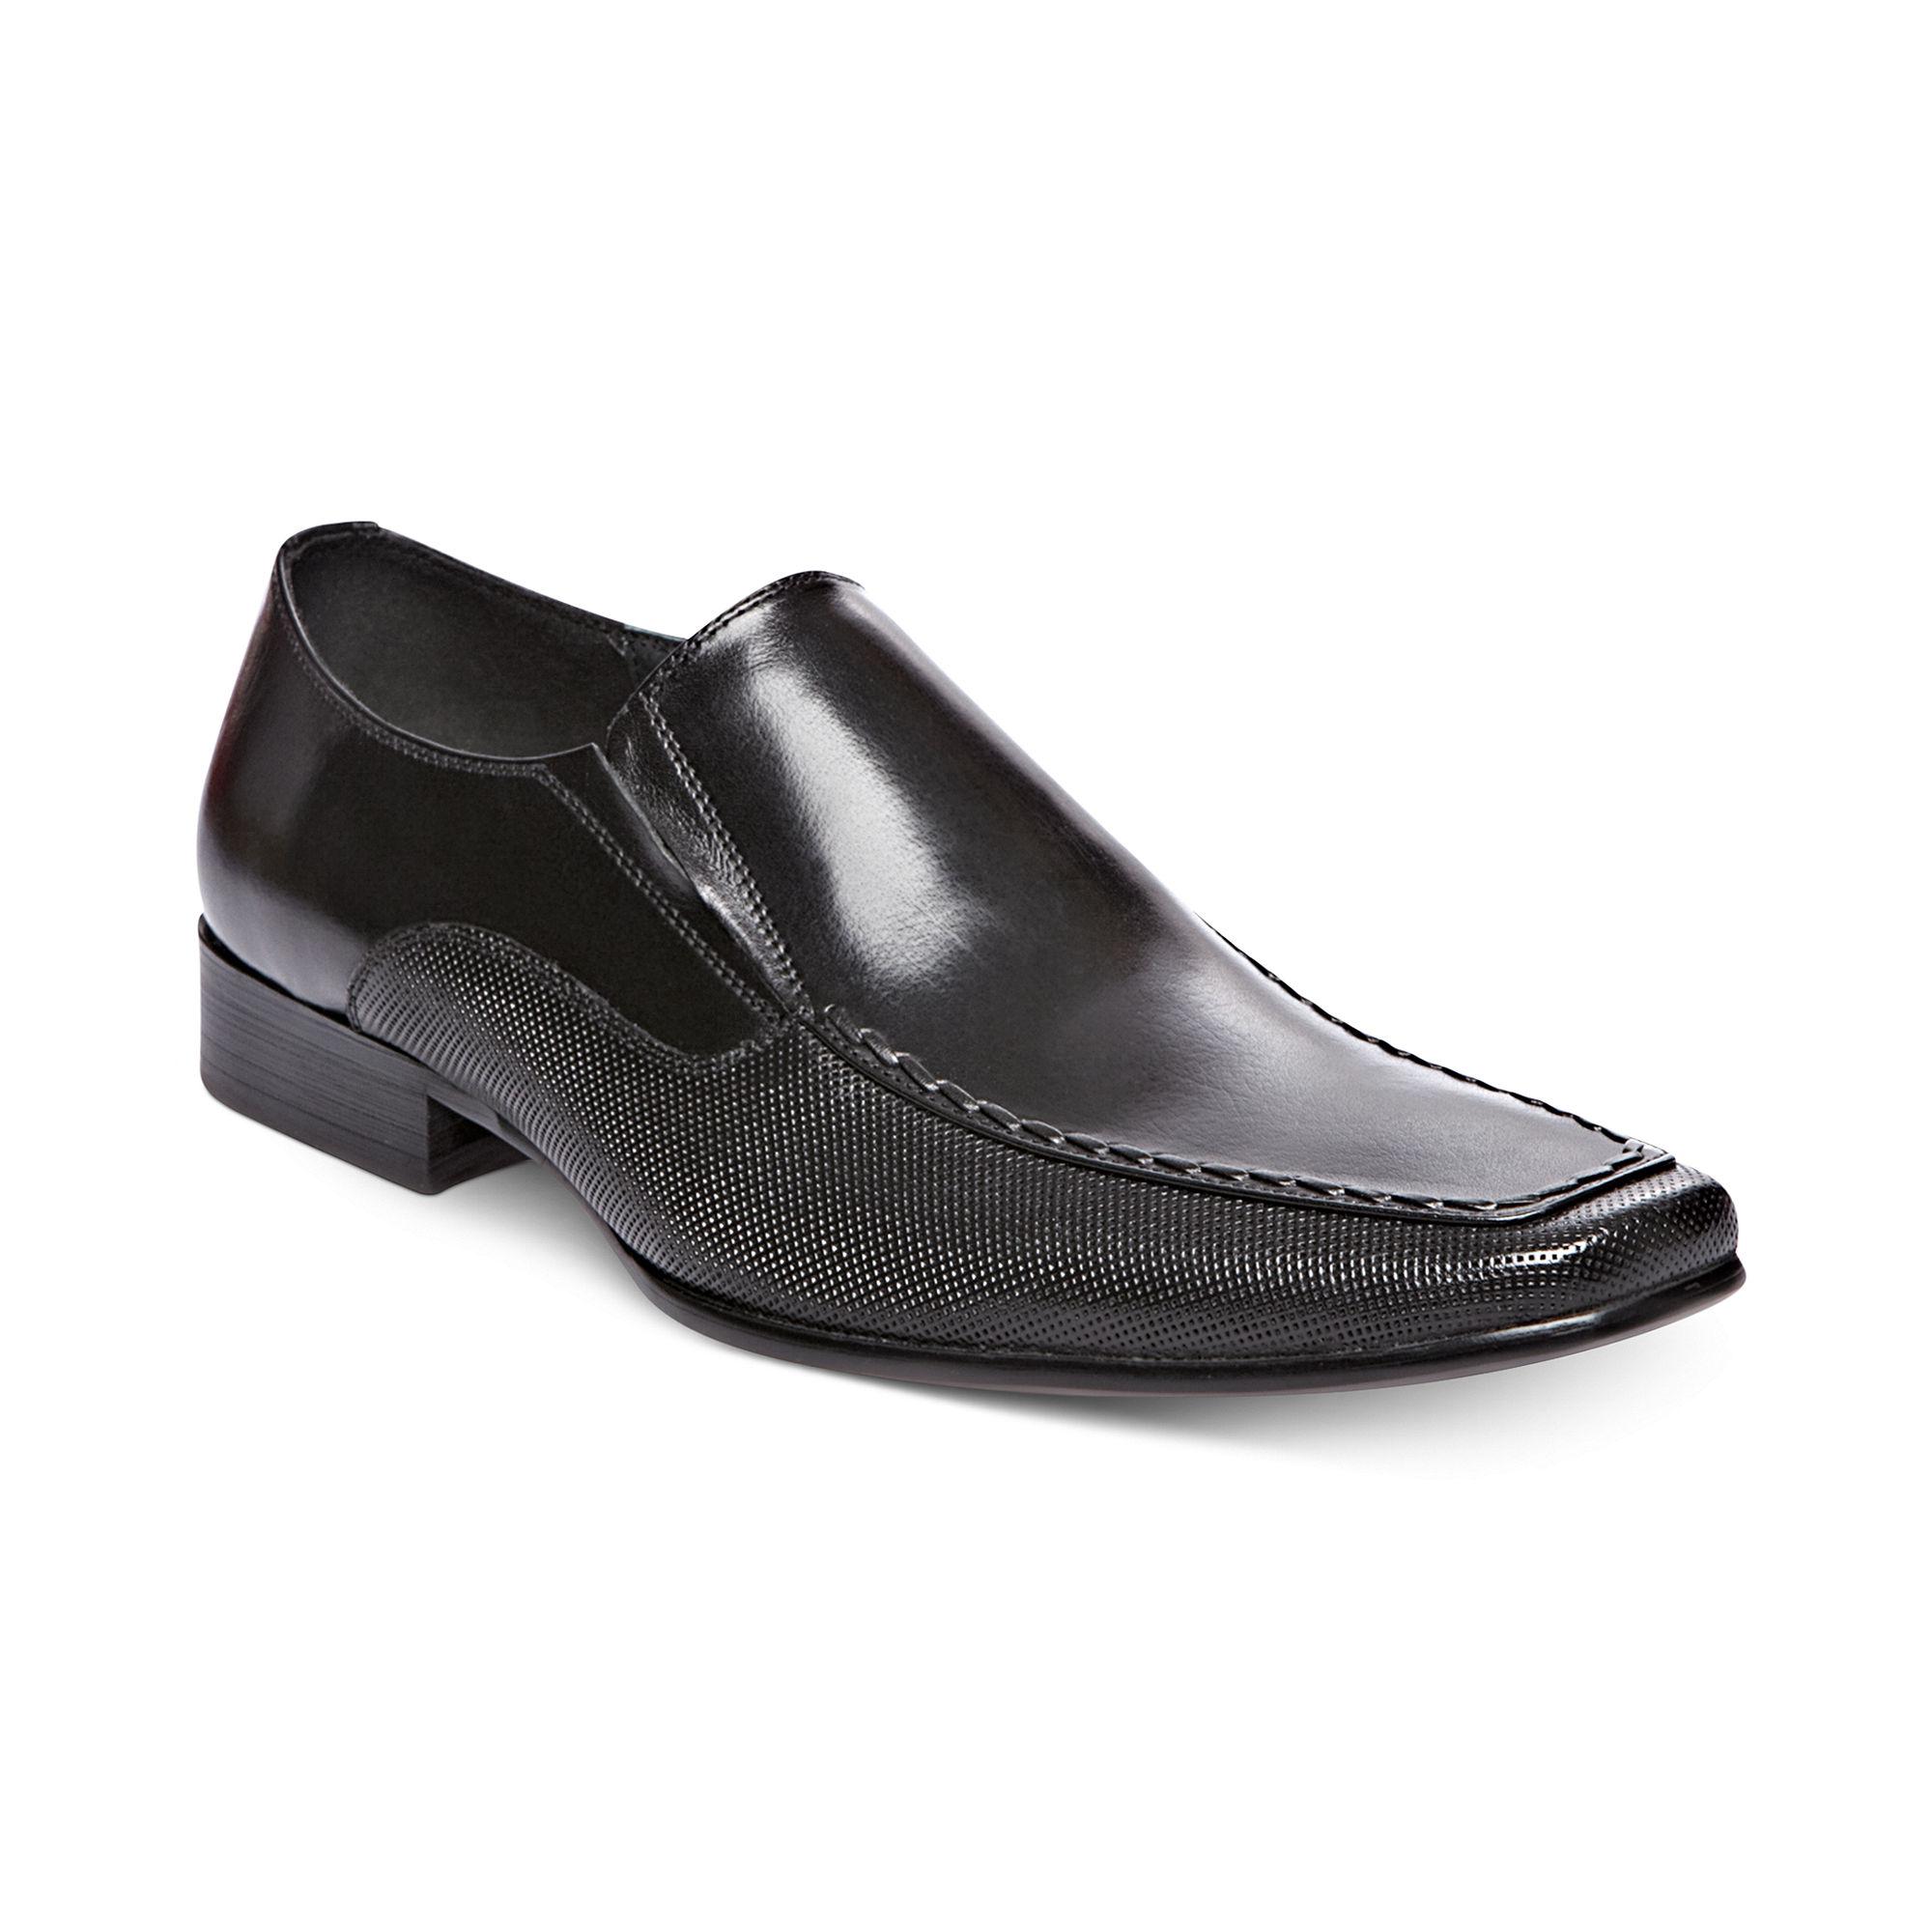 steve madden mens dress shoes gold high heel sandals